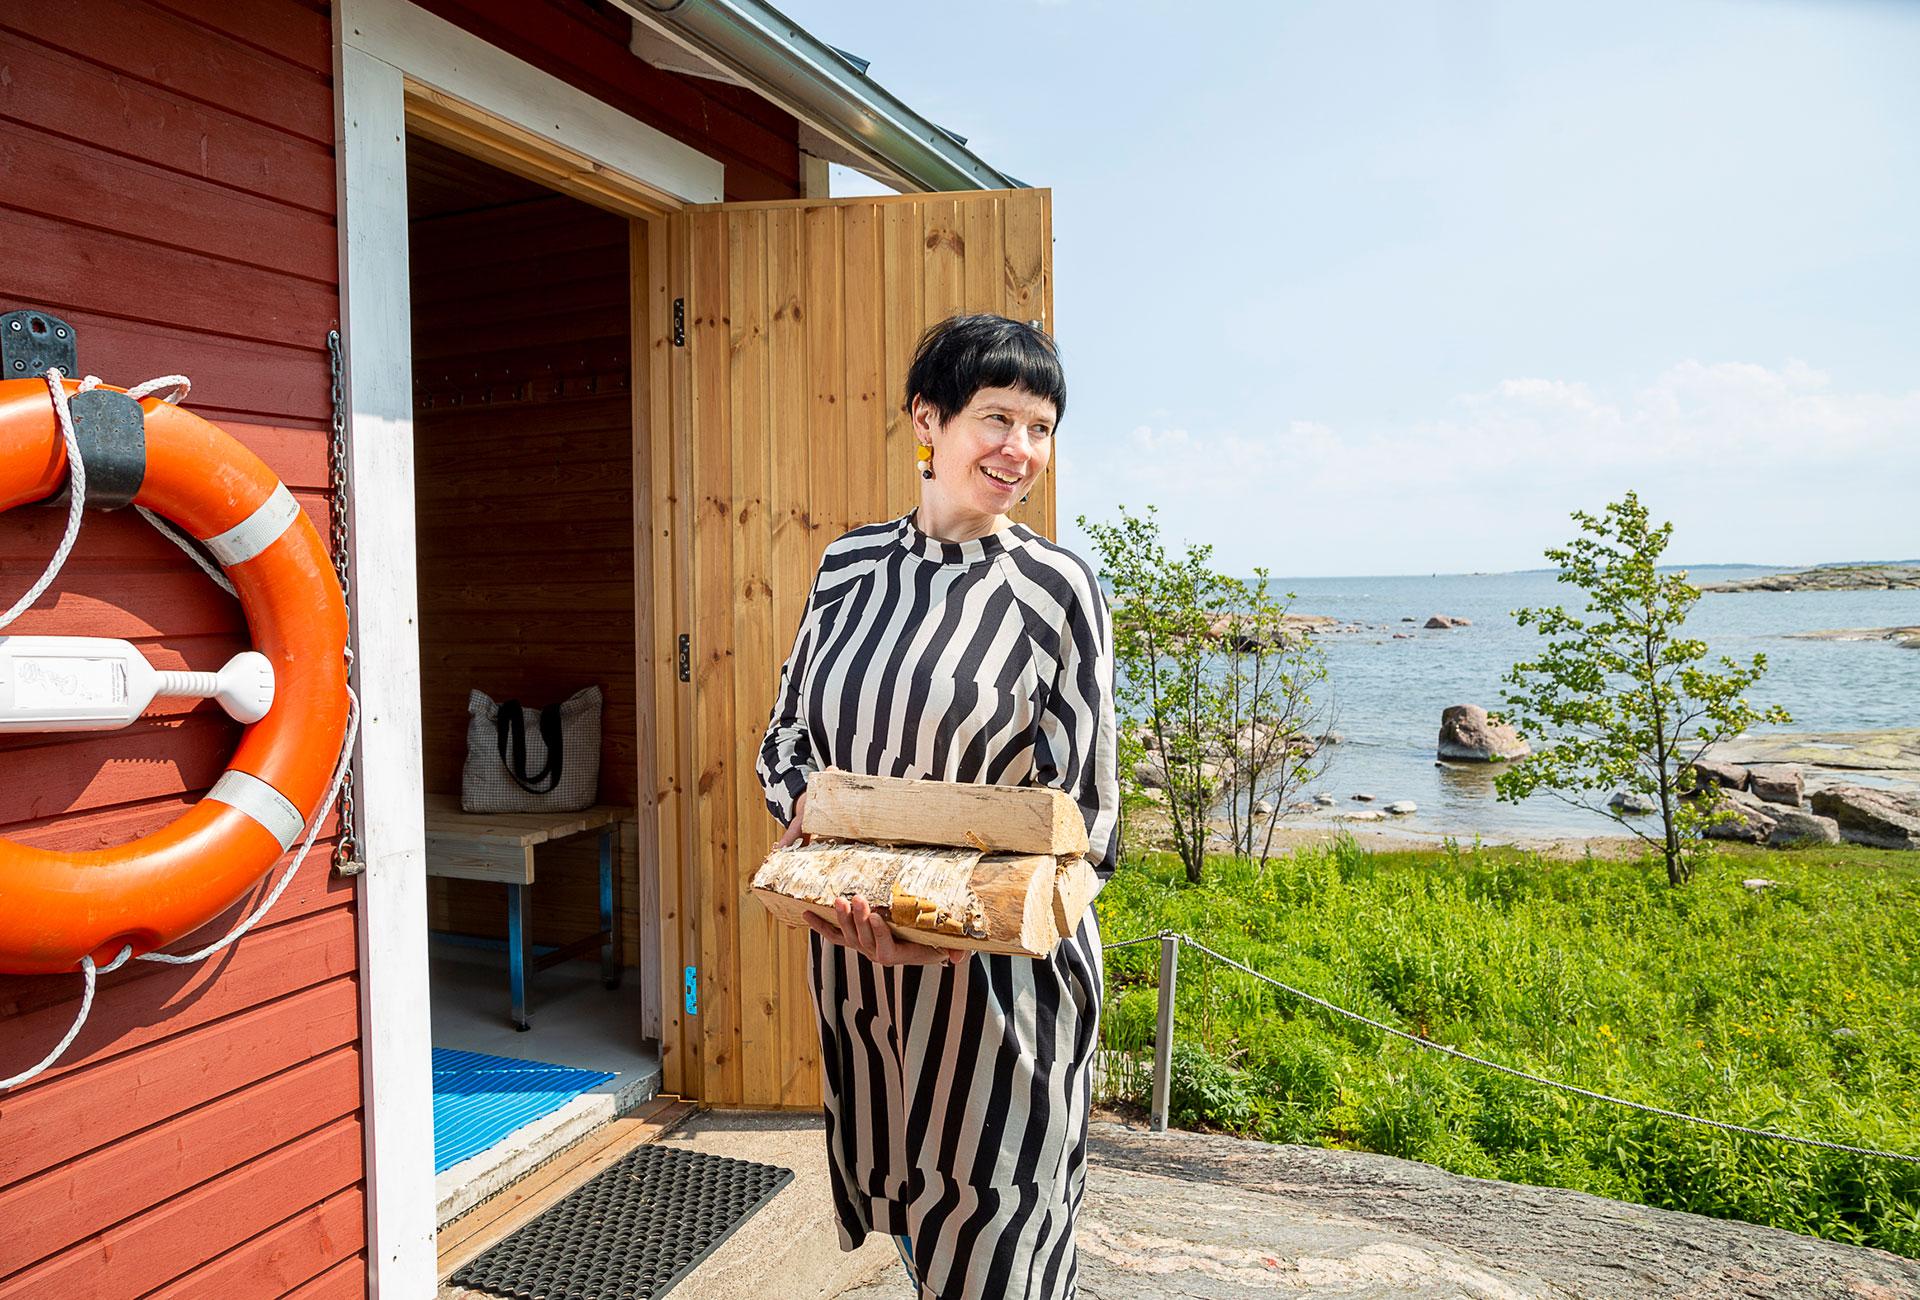 Pihlajasaaren_sauna_2019_kuva_Maarit_Hohteri_3_1920px